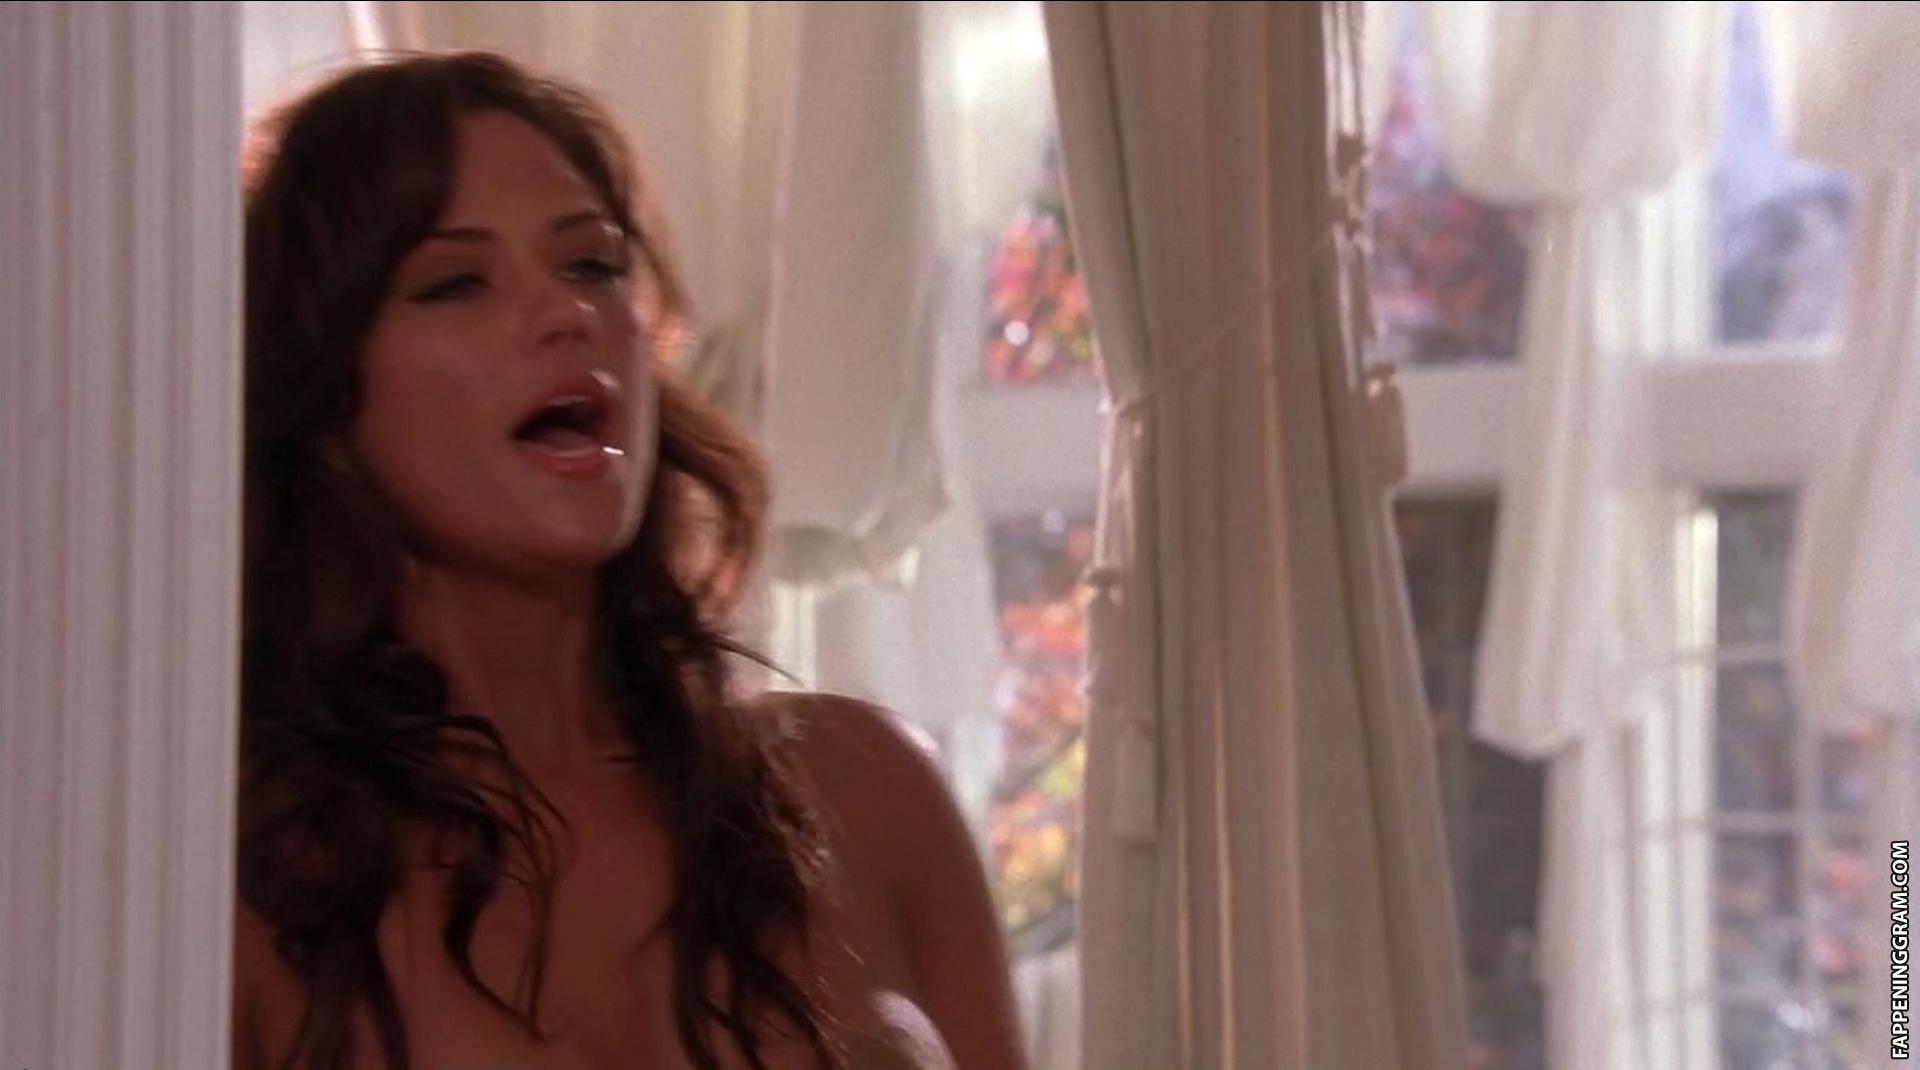 Leila arcieri nude